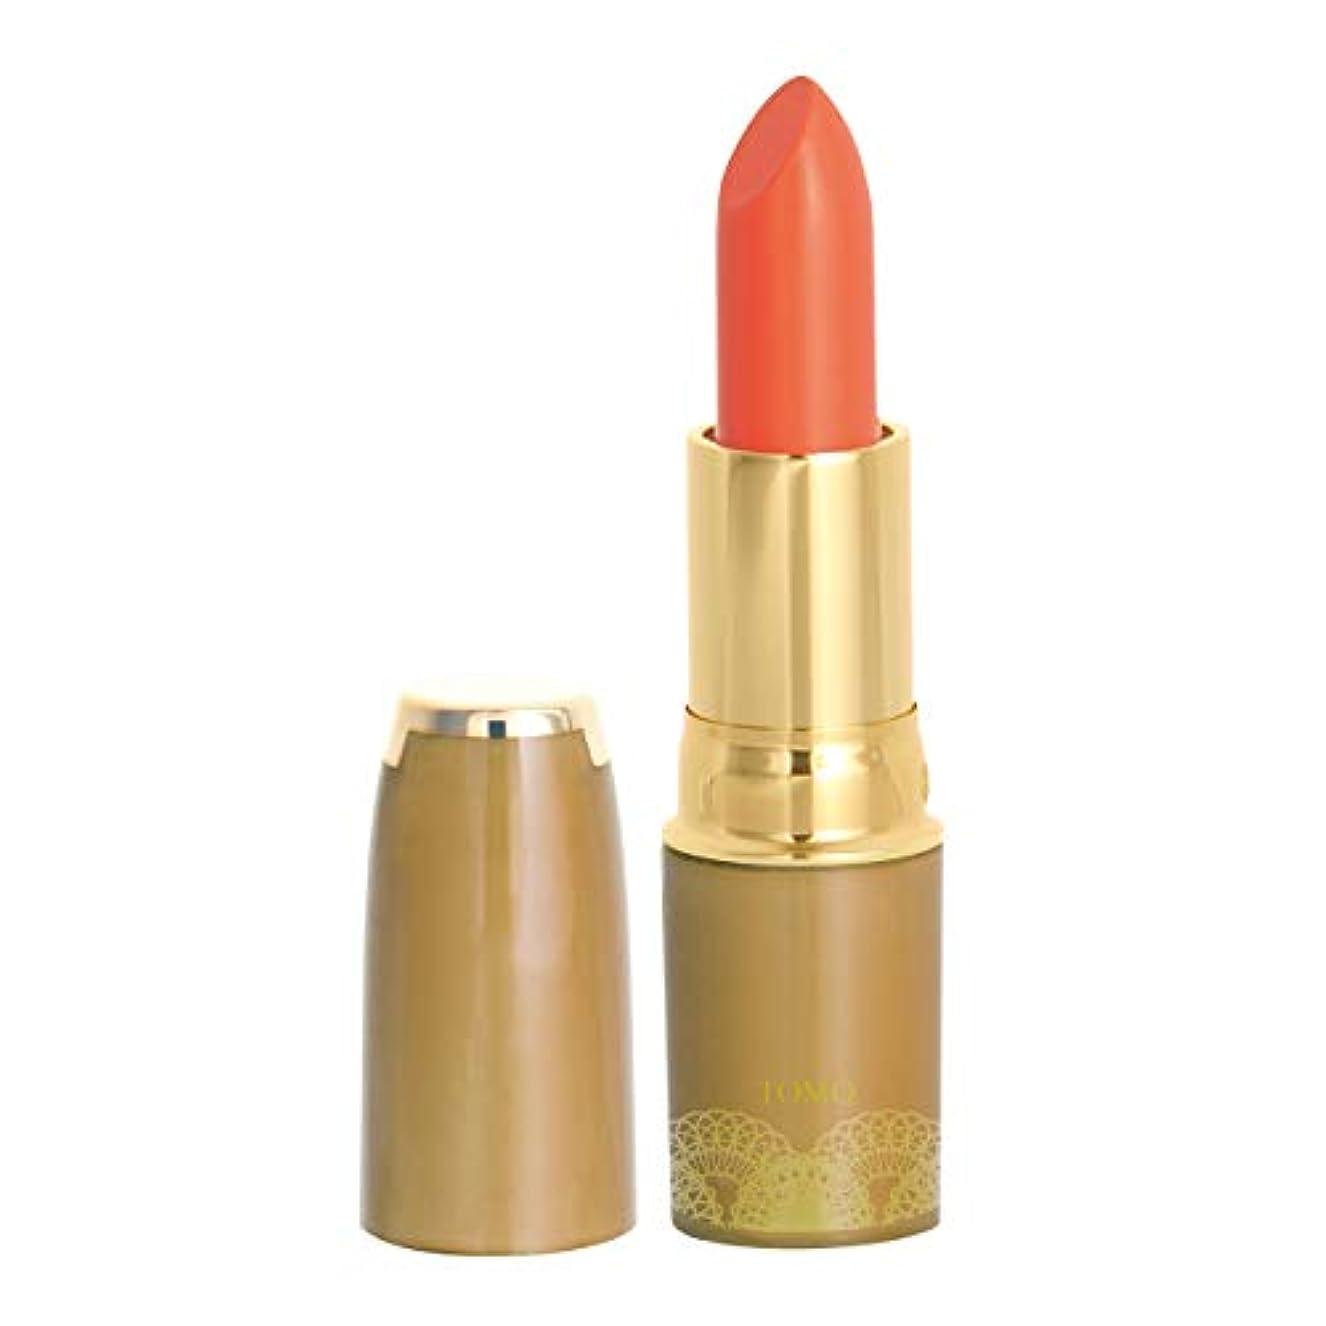 感覚提唱する告発者安心 安全 低刺激 食用色素からできた口紅 ナチュレリップカラー LC-03 (コーラルオレンジ) 全6色